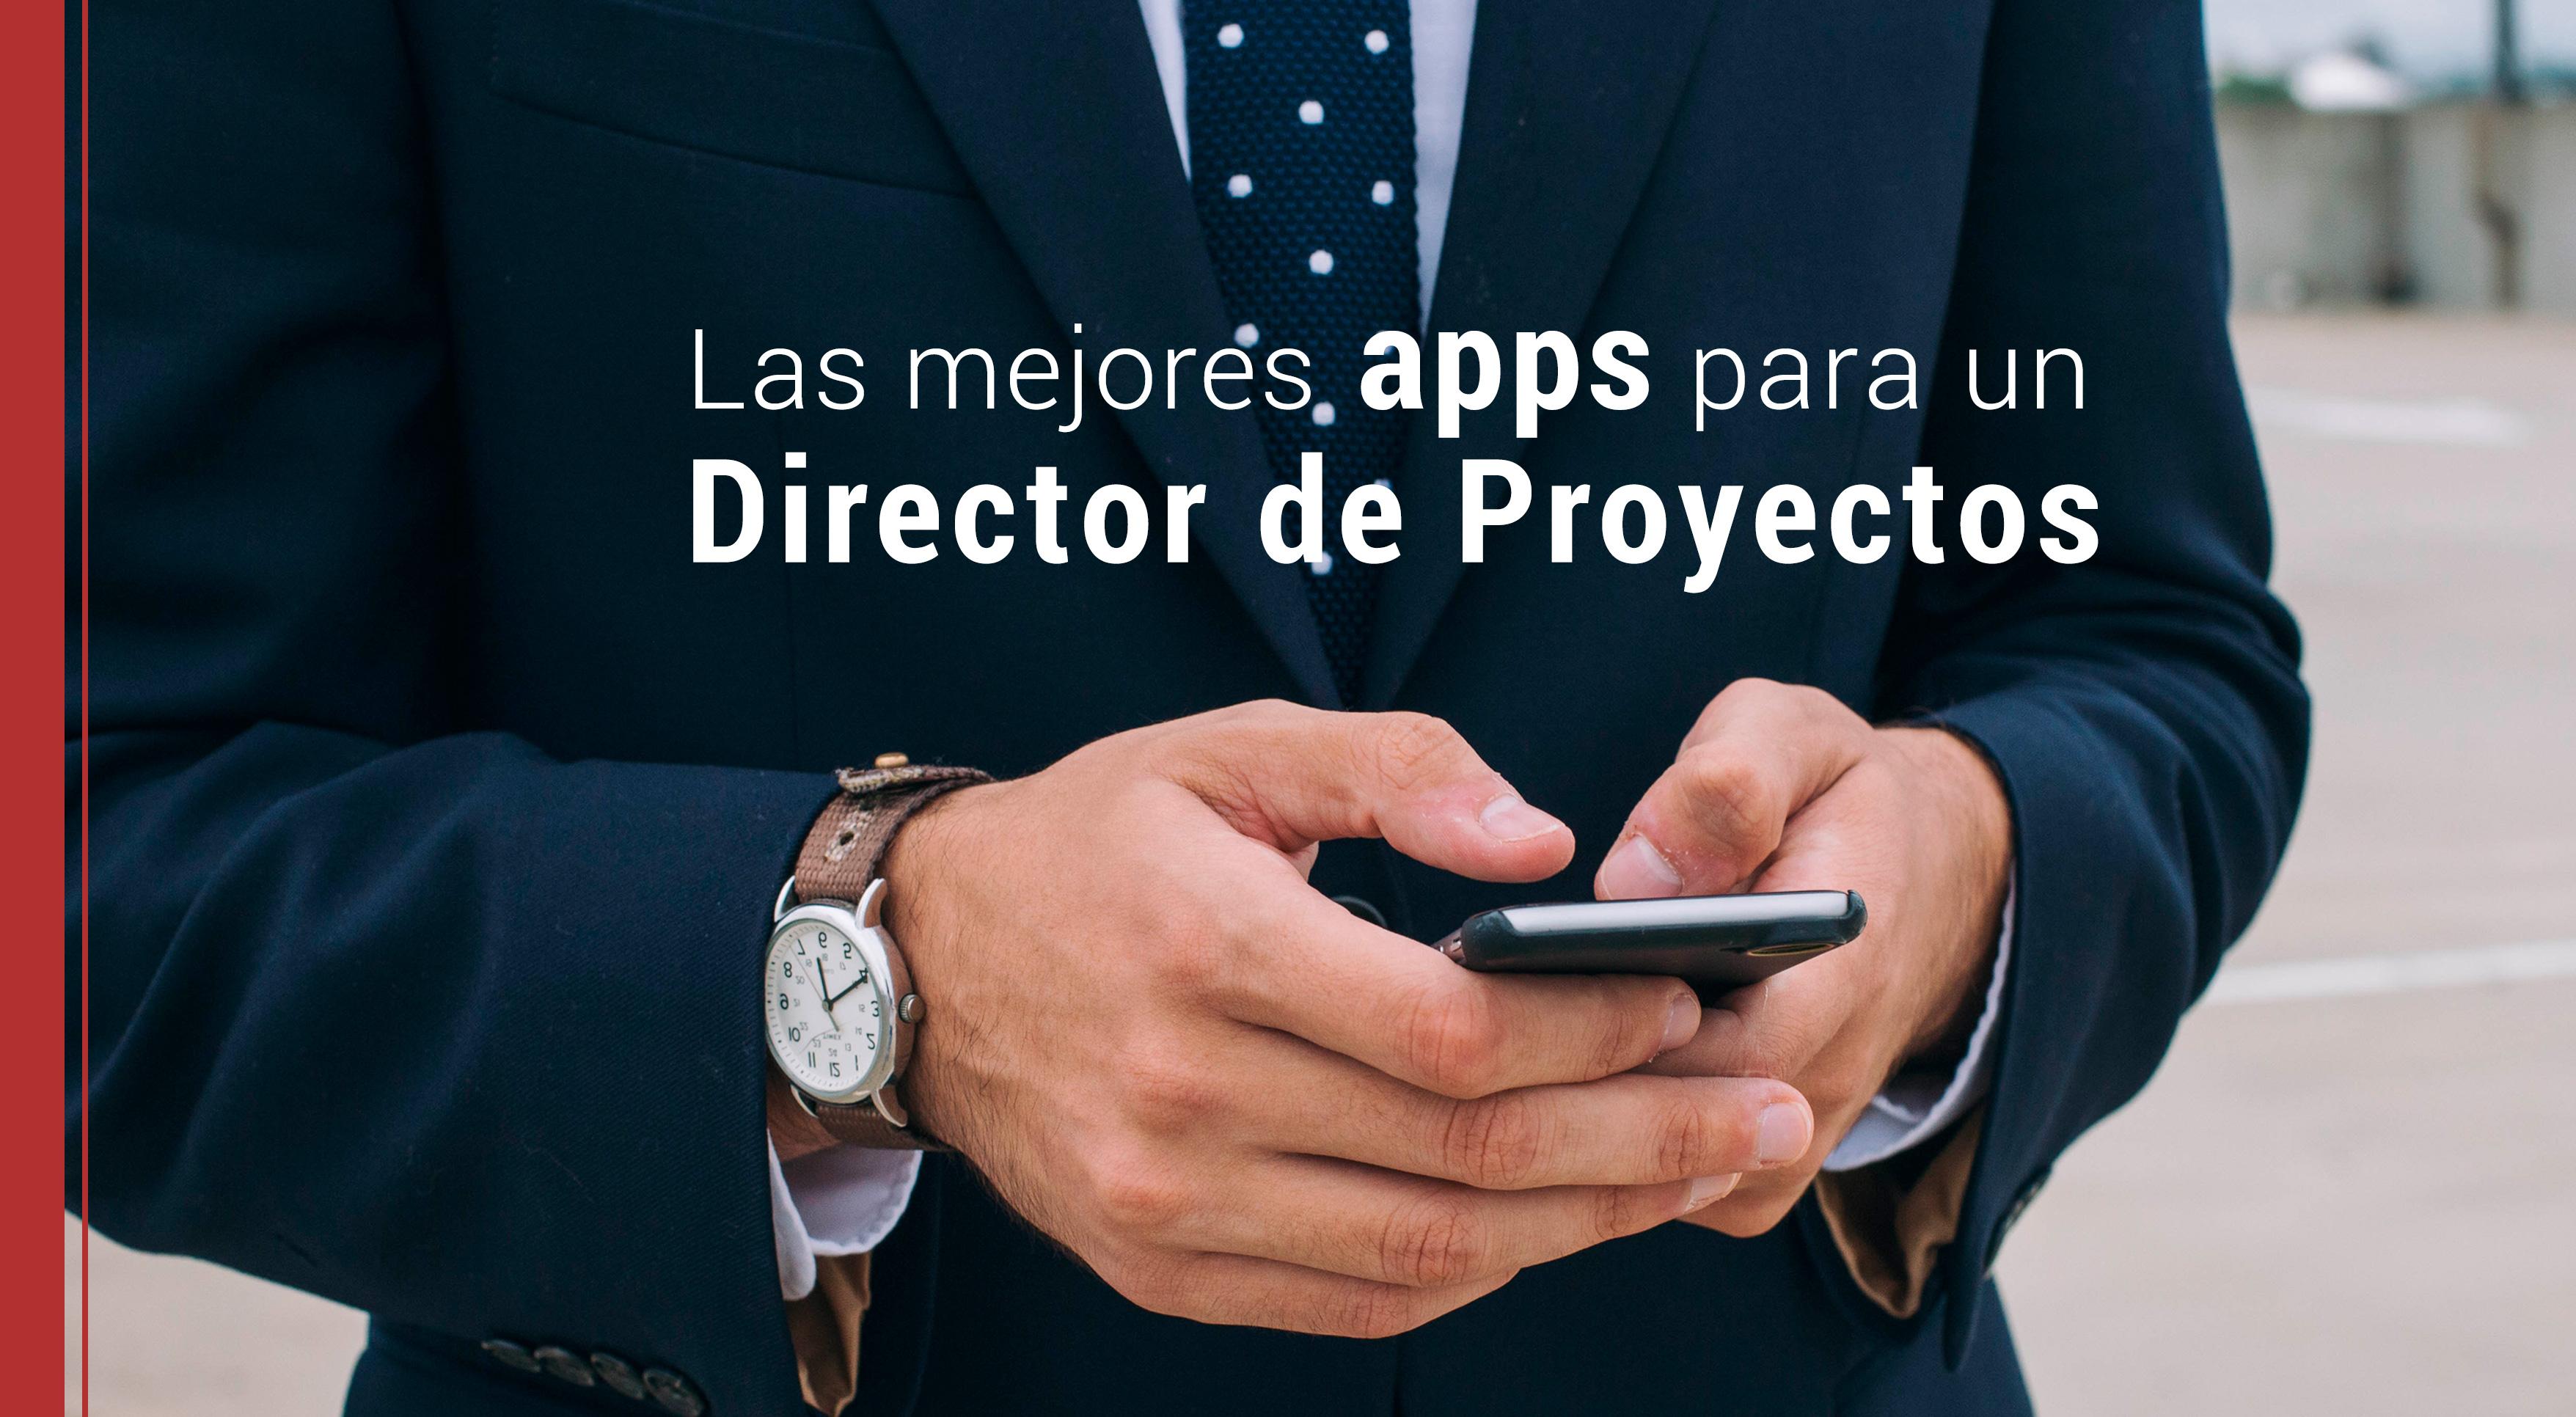 mejores-apps-para-director-de-proyectos Mejores aplicaciones para un Director de Proyectos